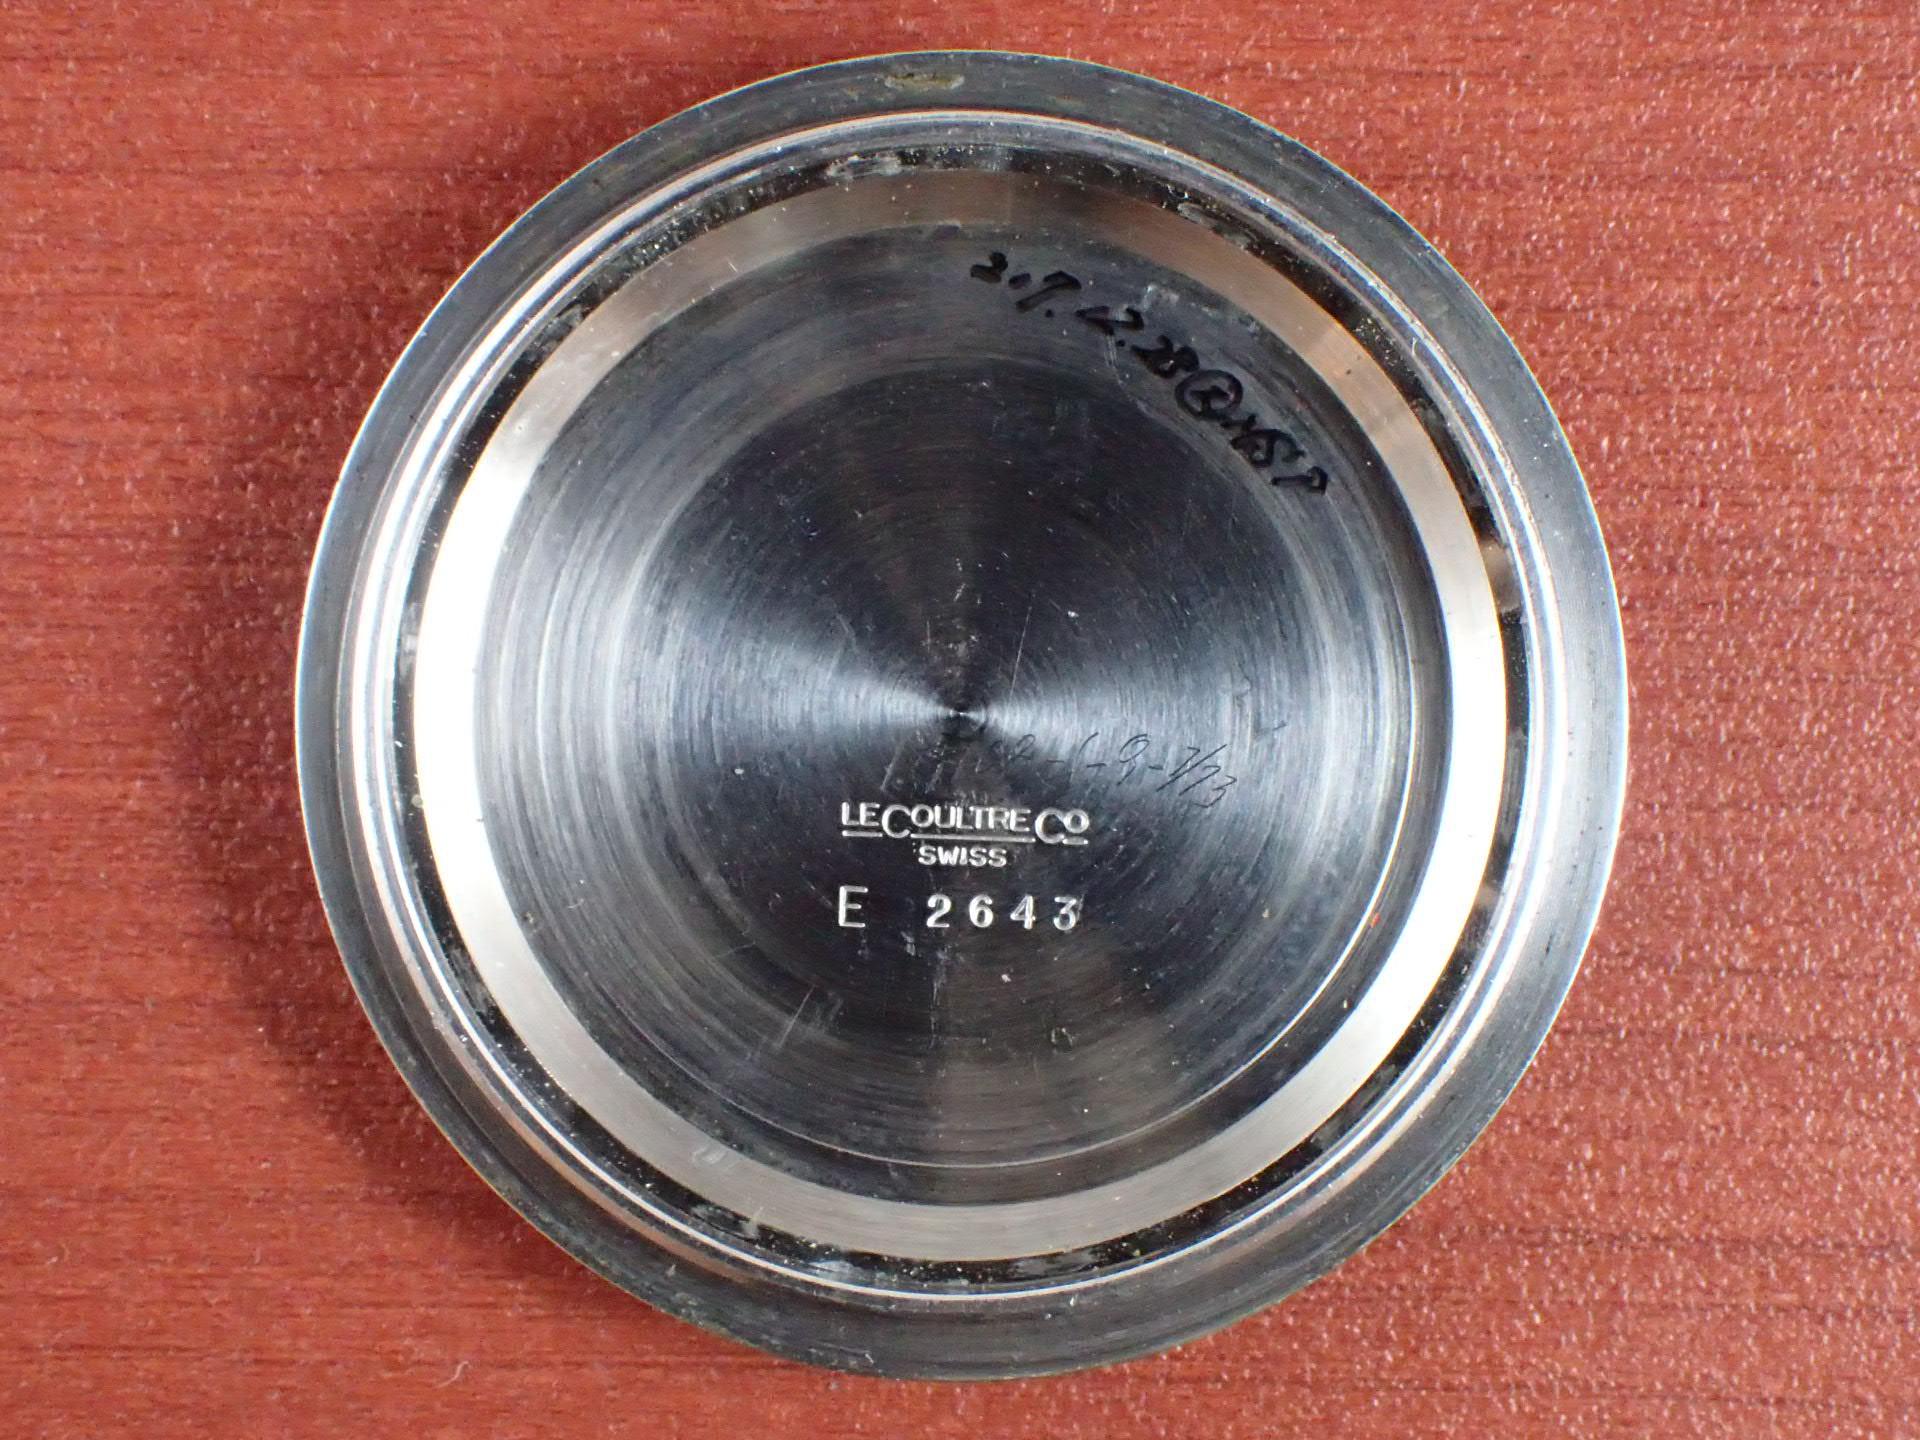 ルクルト シャーク ディープシー Cal.Valjoux72 1960年代の写真6枚目